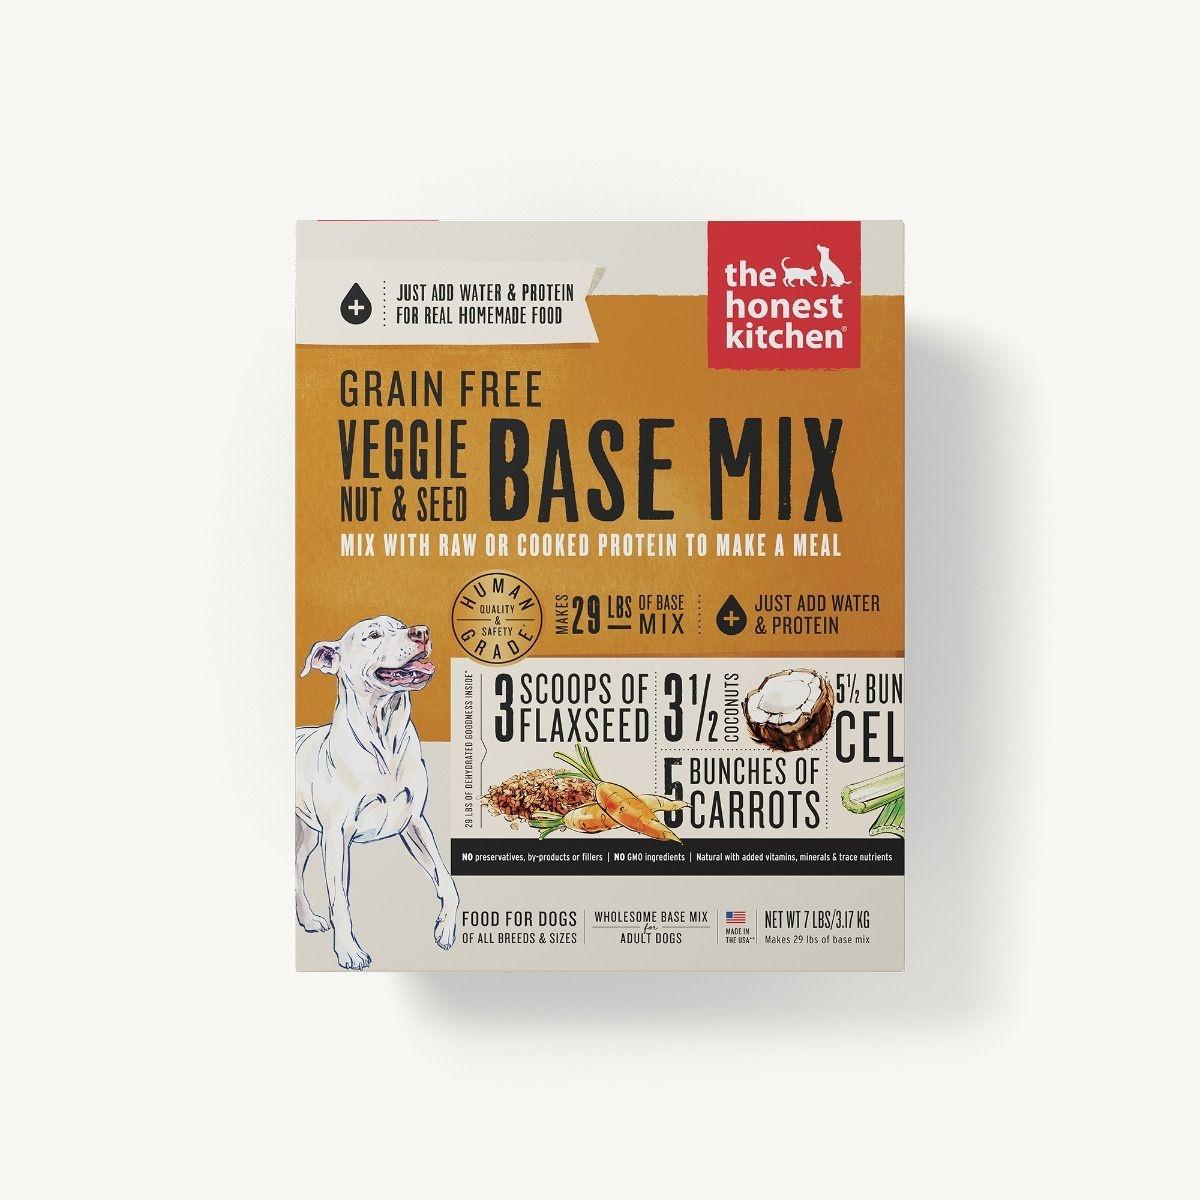 The Honest Kitchen Honest Kitchen Dehydrated Grain Free Veggie, Nut & Seed Base Mix